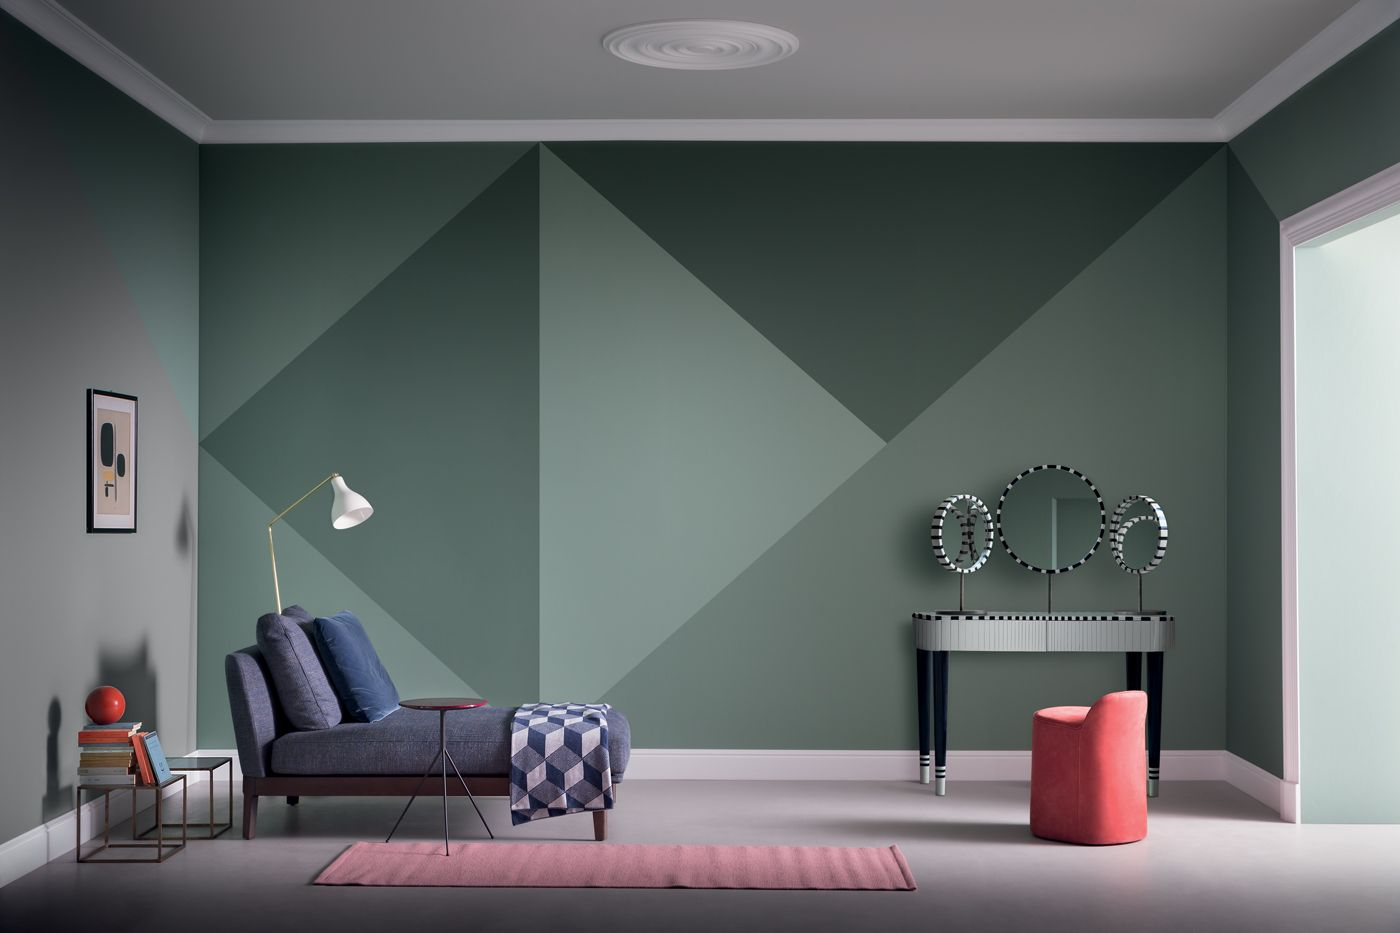 decorare con il colore wall graphics pareti casa